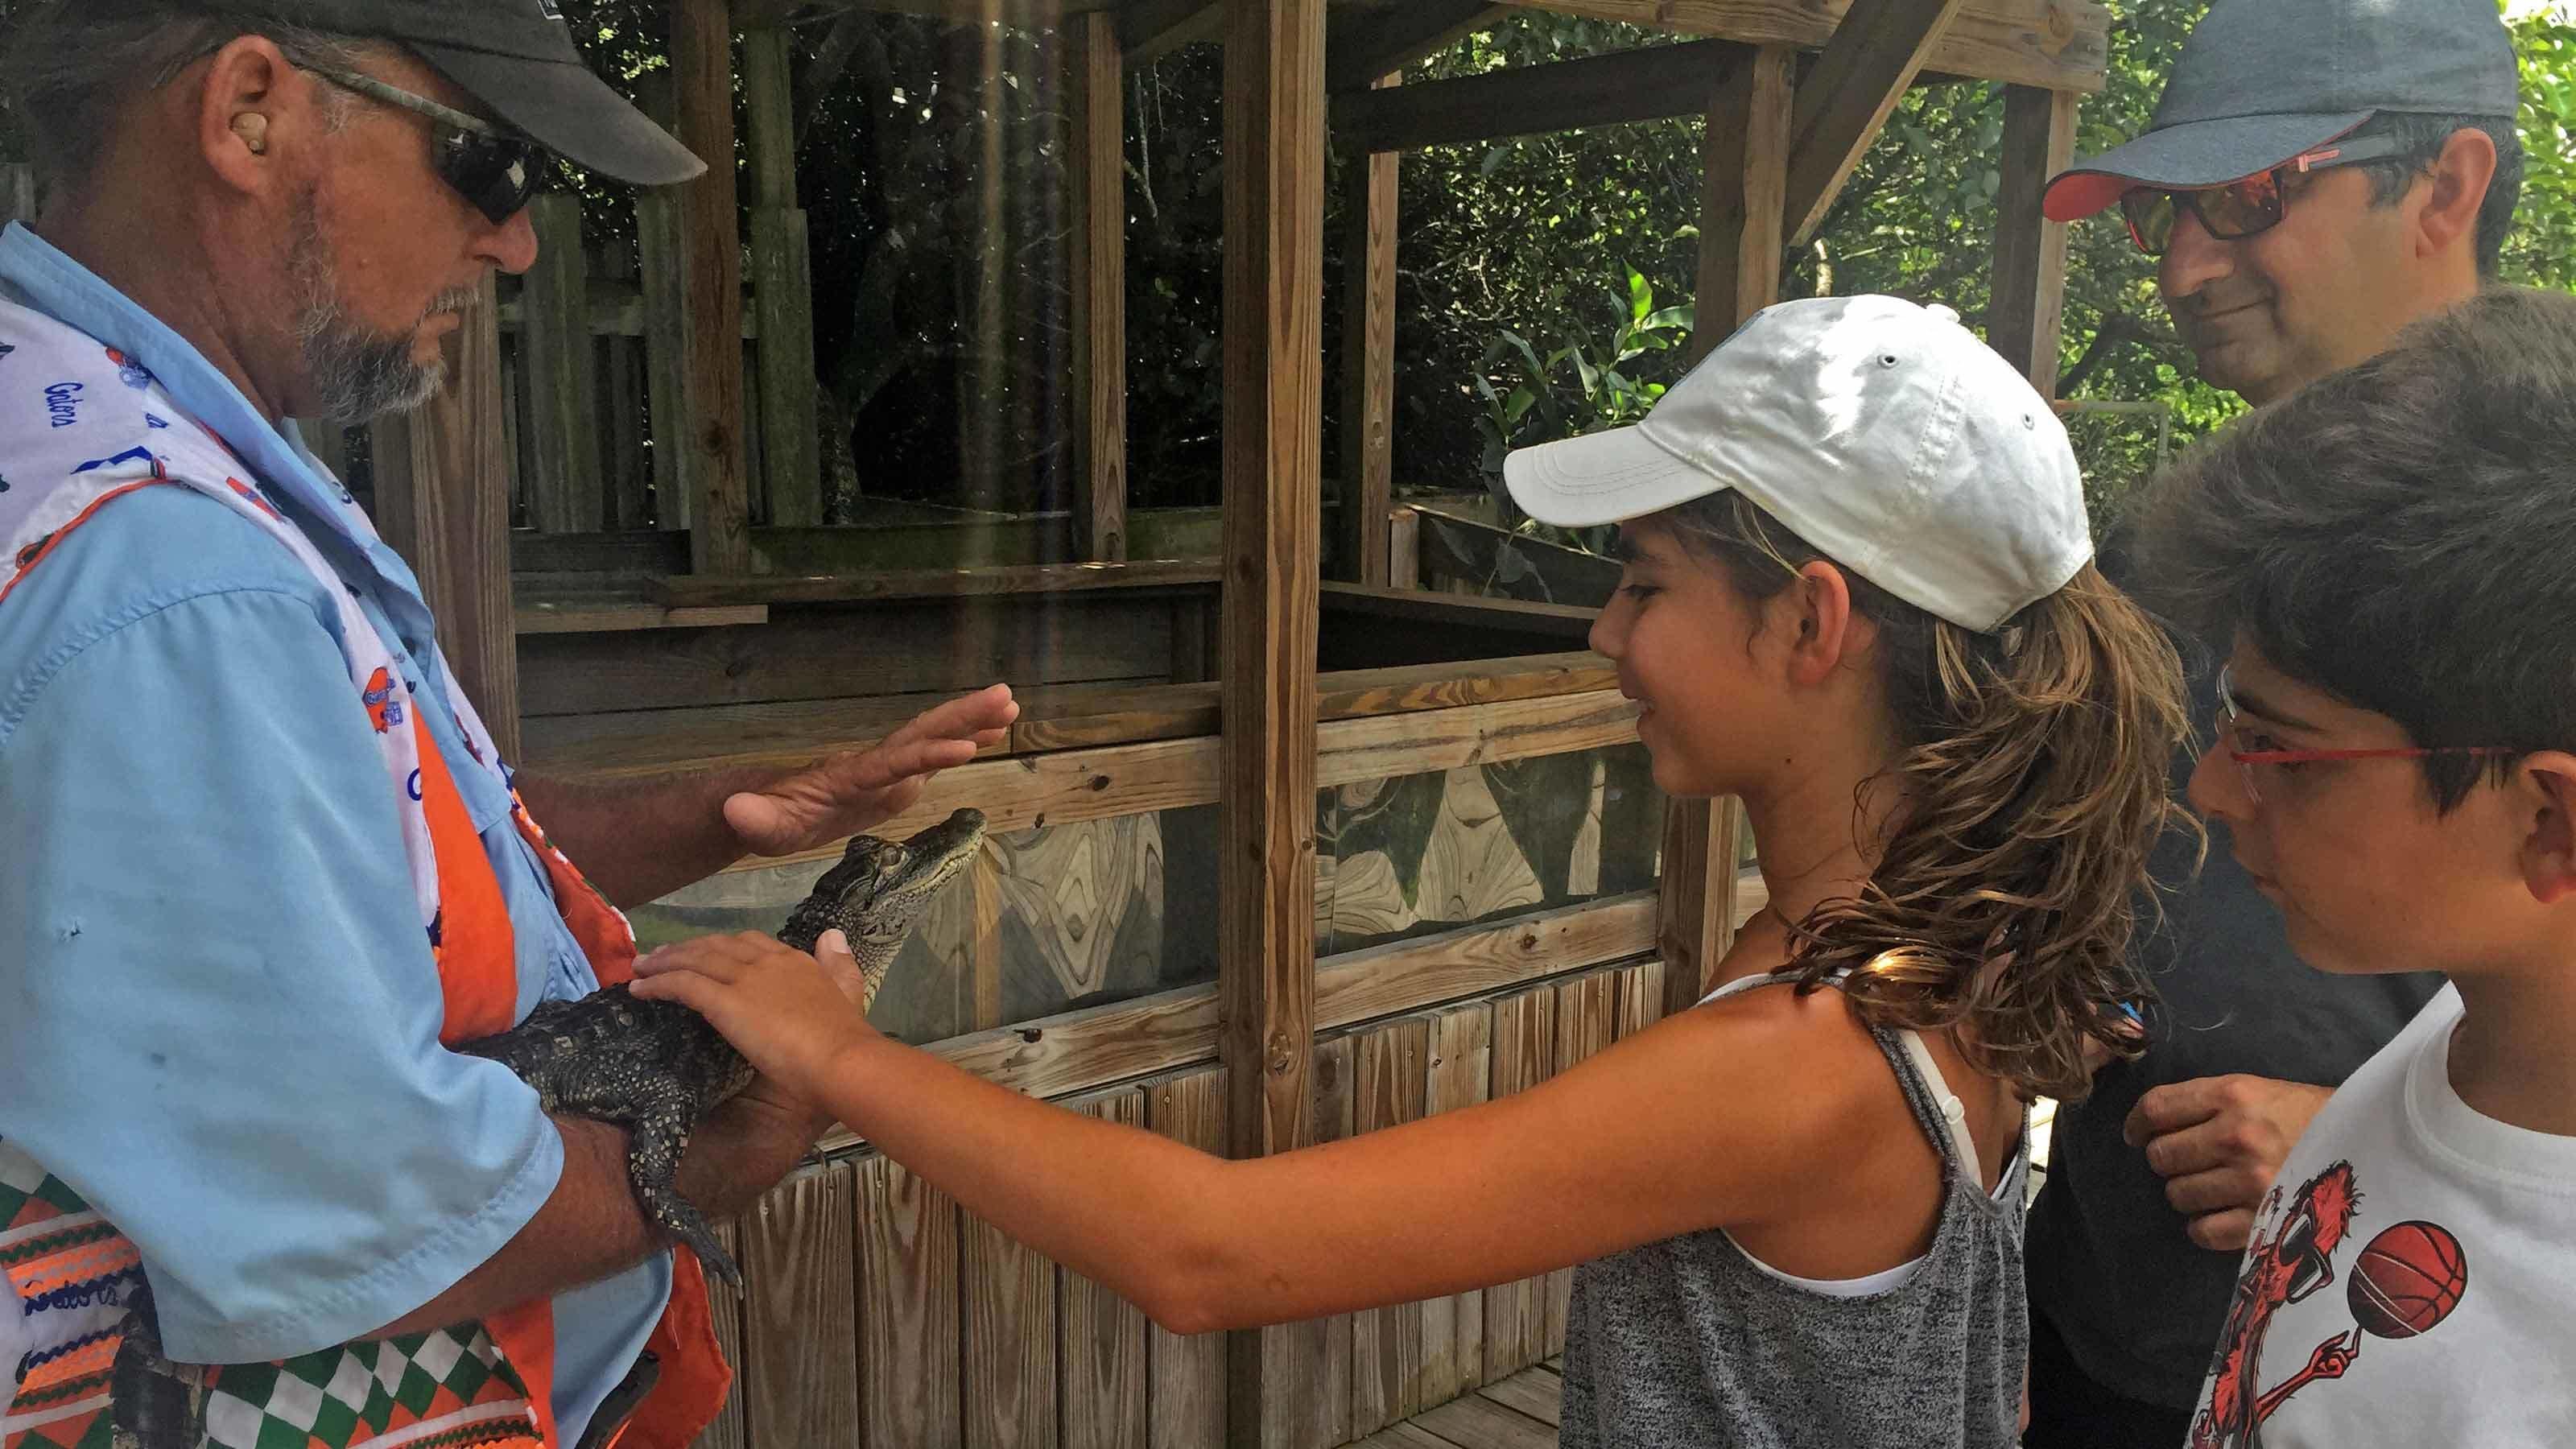 Girl petting small reptile in Florida